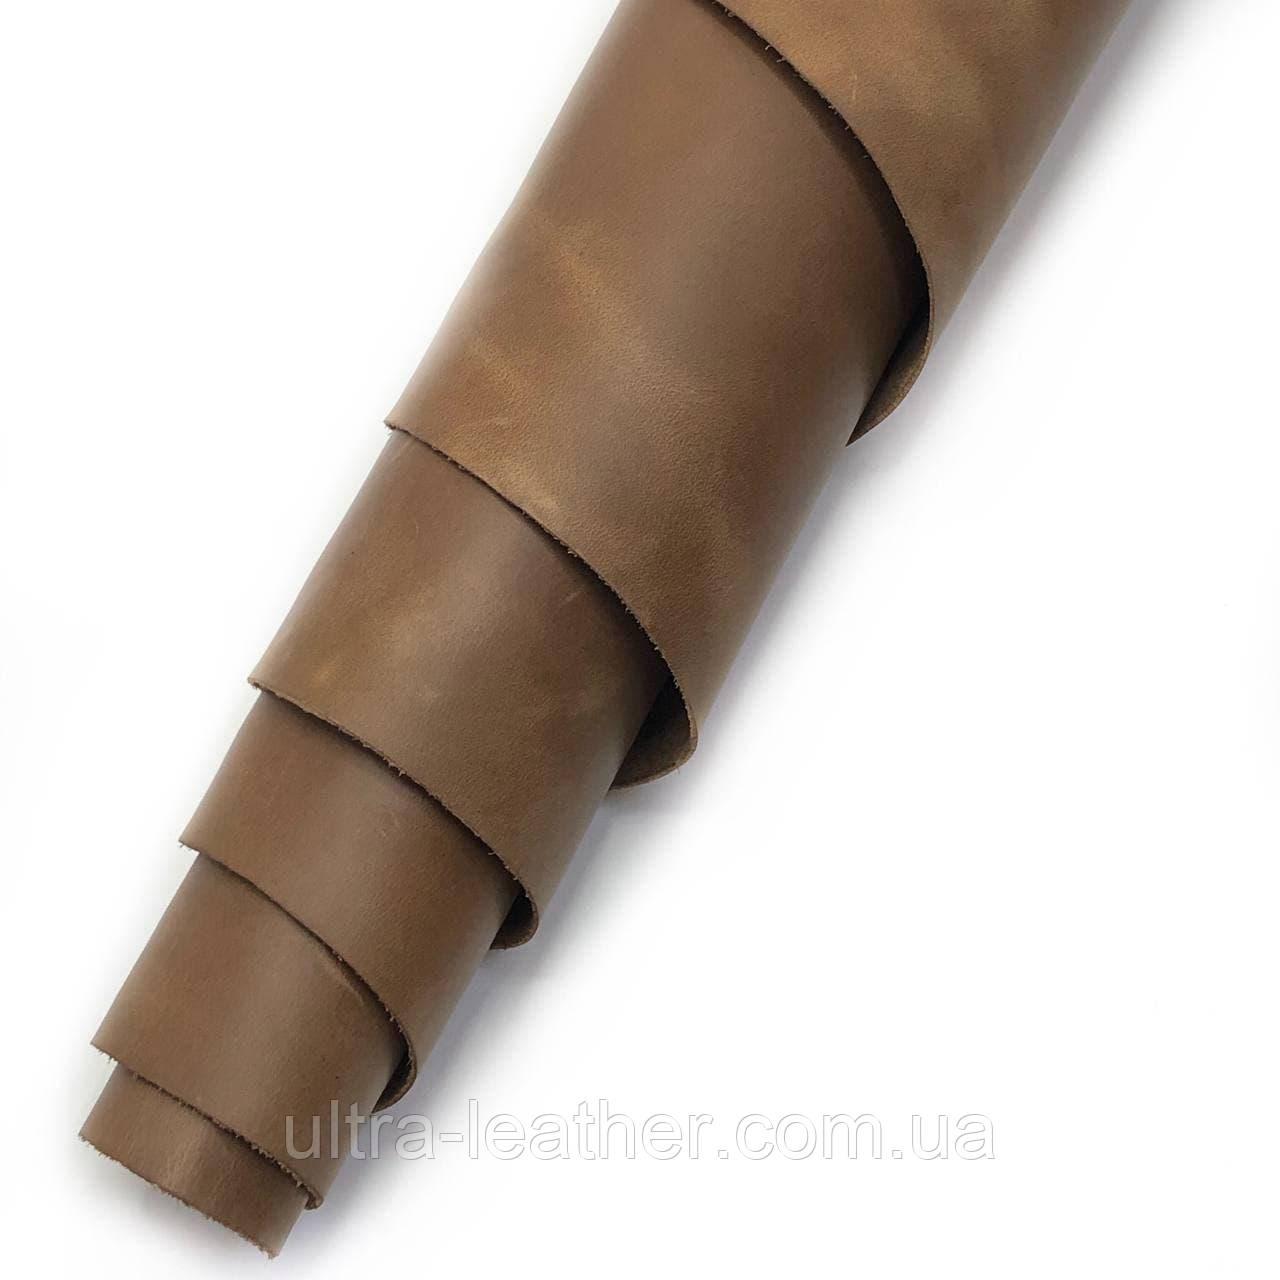 Натуральная галантерейная кожа Крейзи Хорс, Светло-коричневый Pantone 18-0940